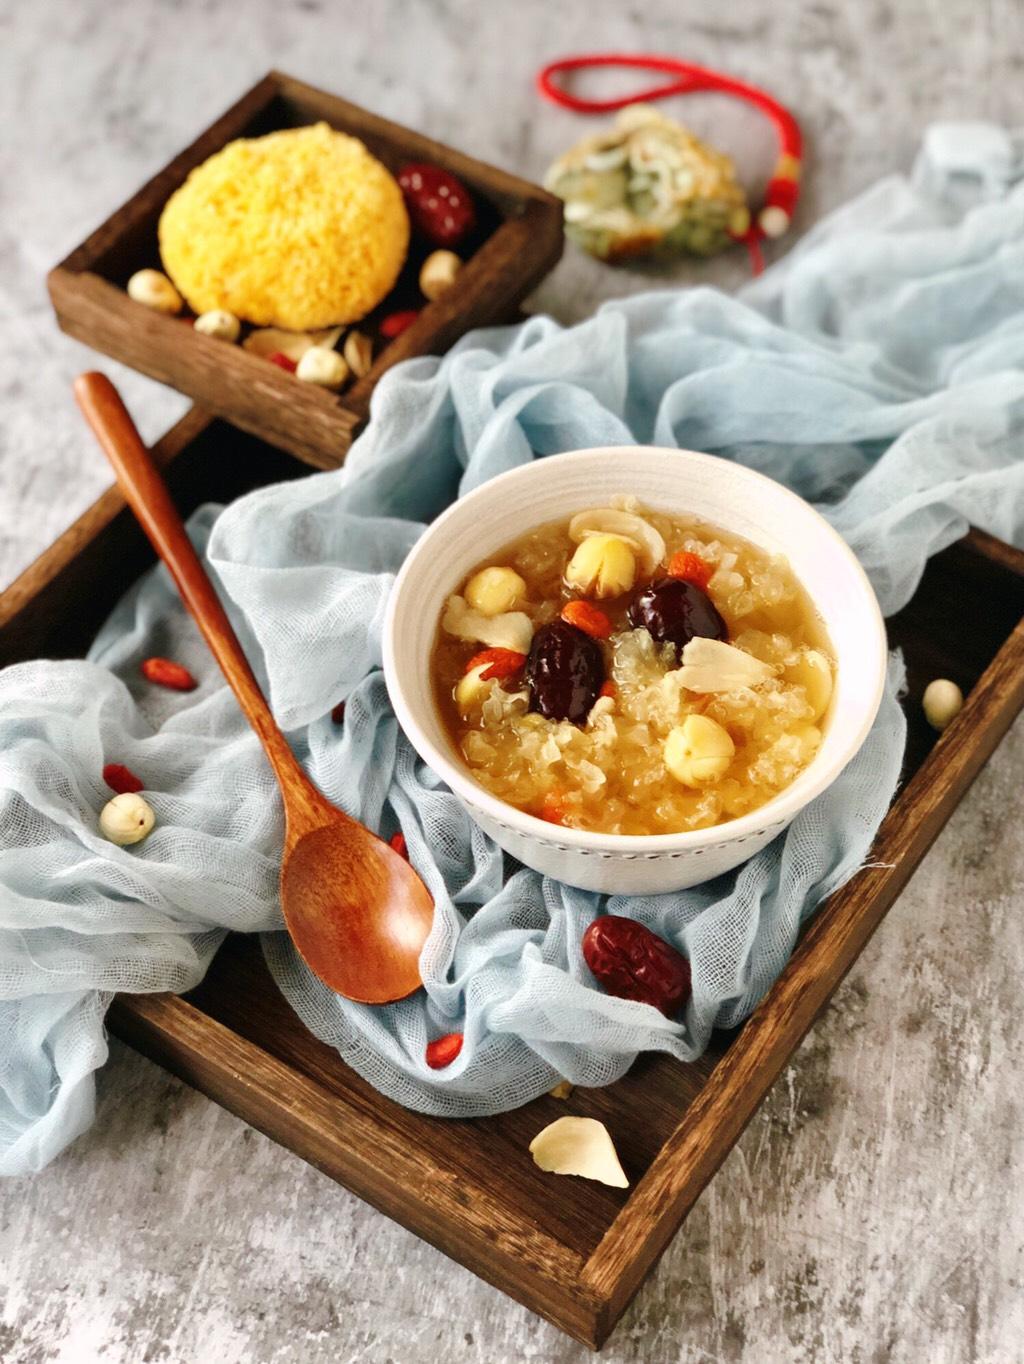 百合红枣糯耳莲子汤,盛一碗开始享用吧!滋阴润肺、益气养心。</p> <p>